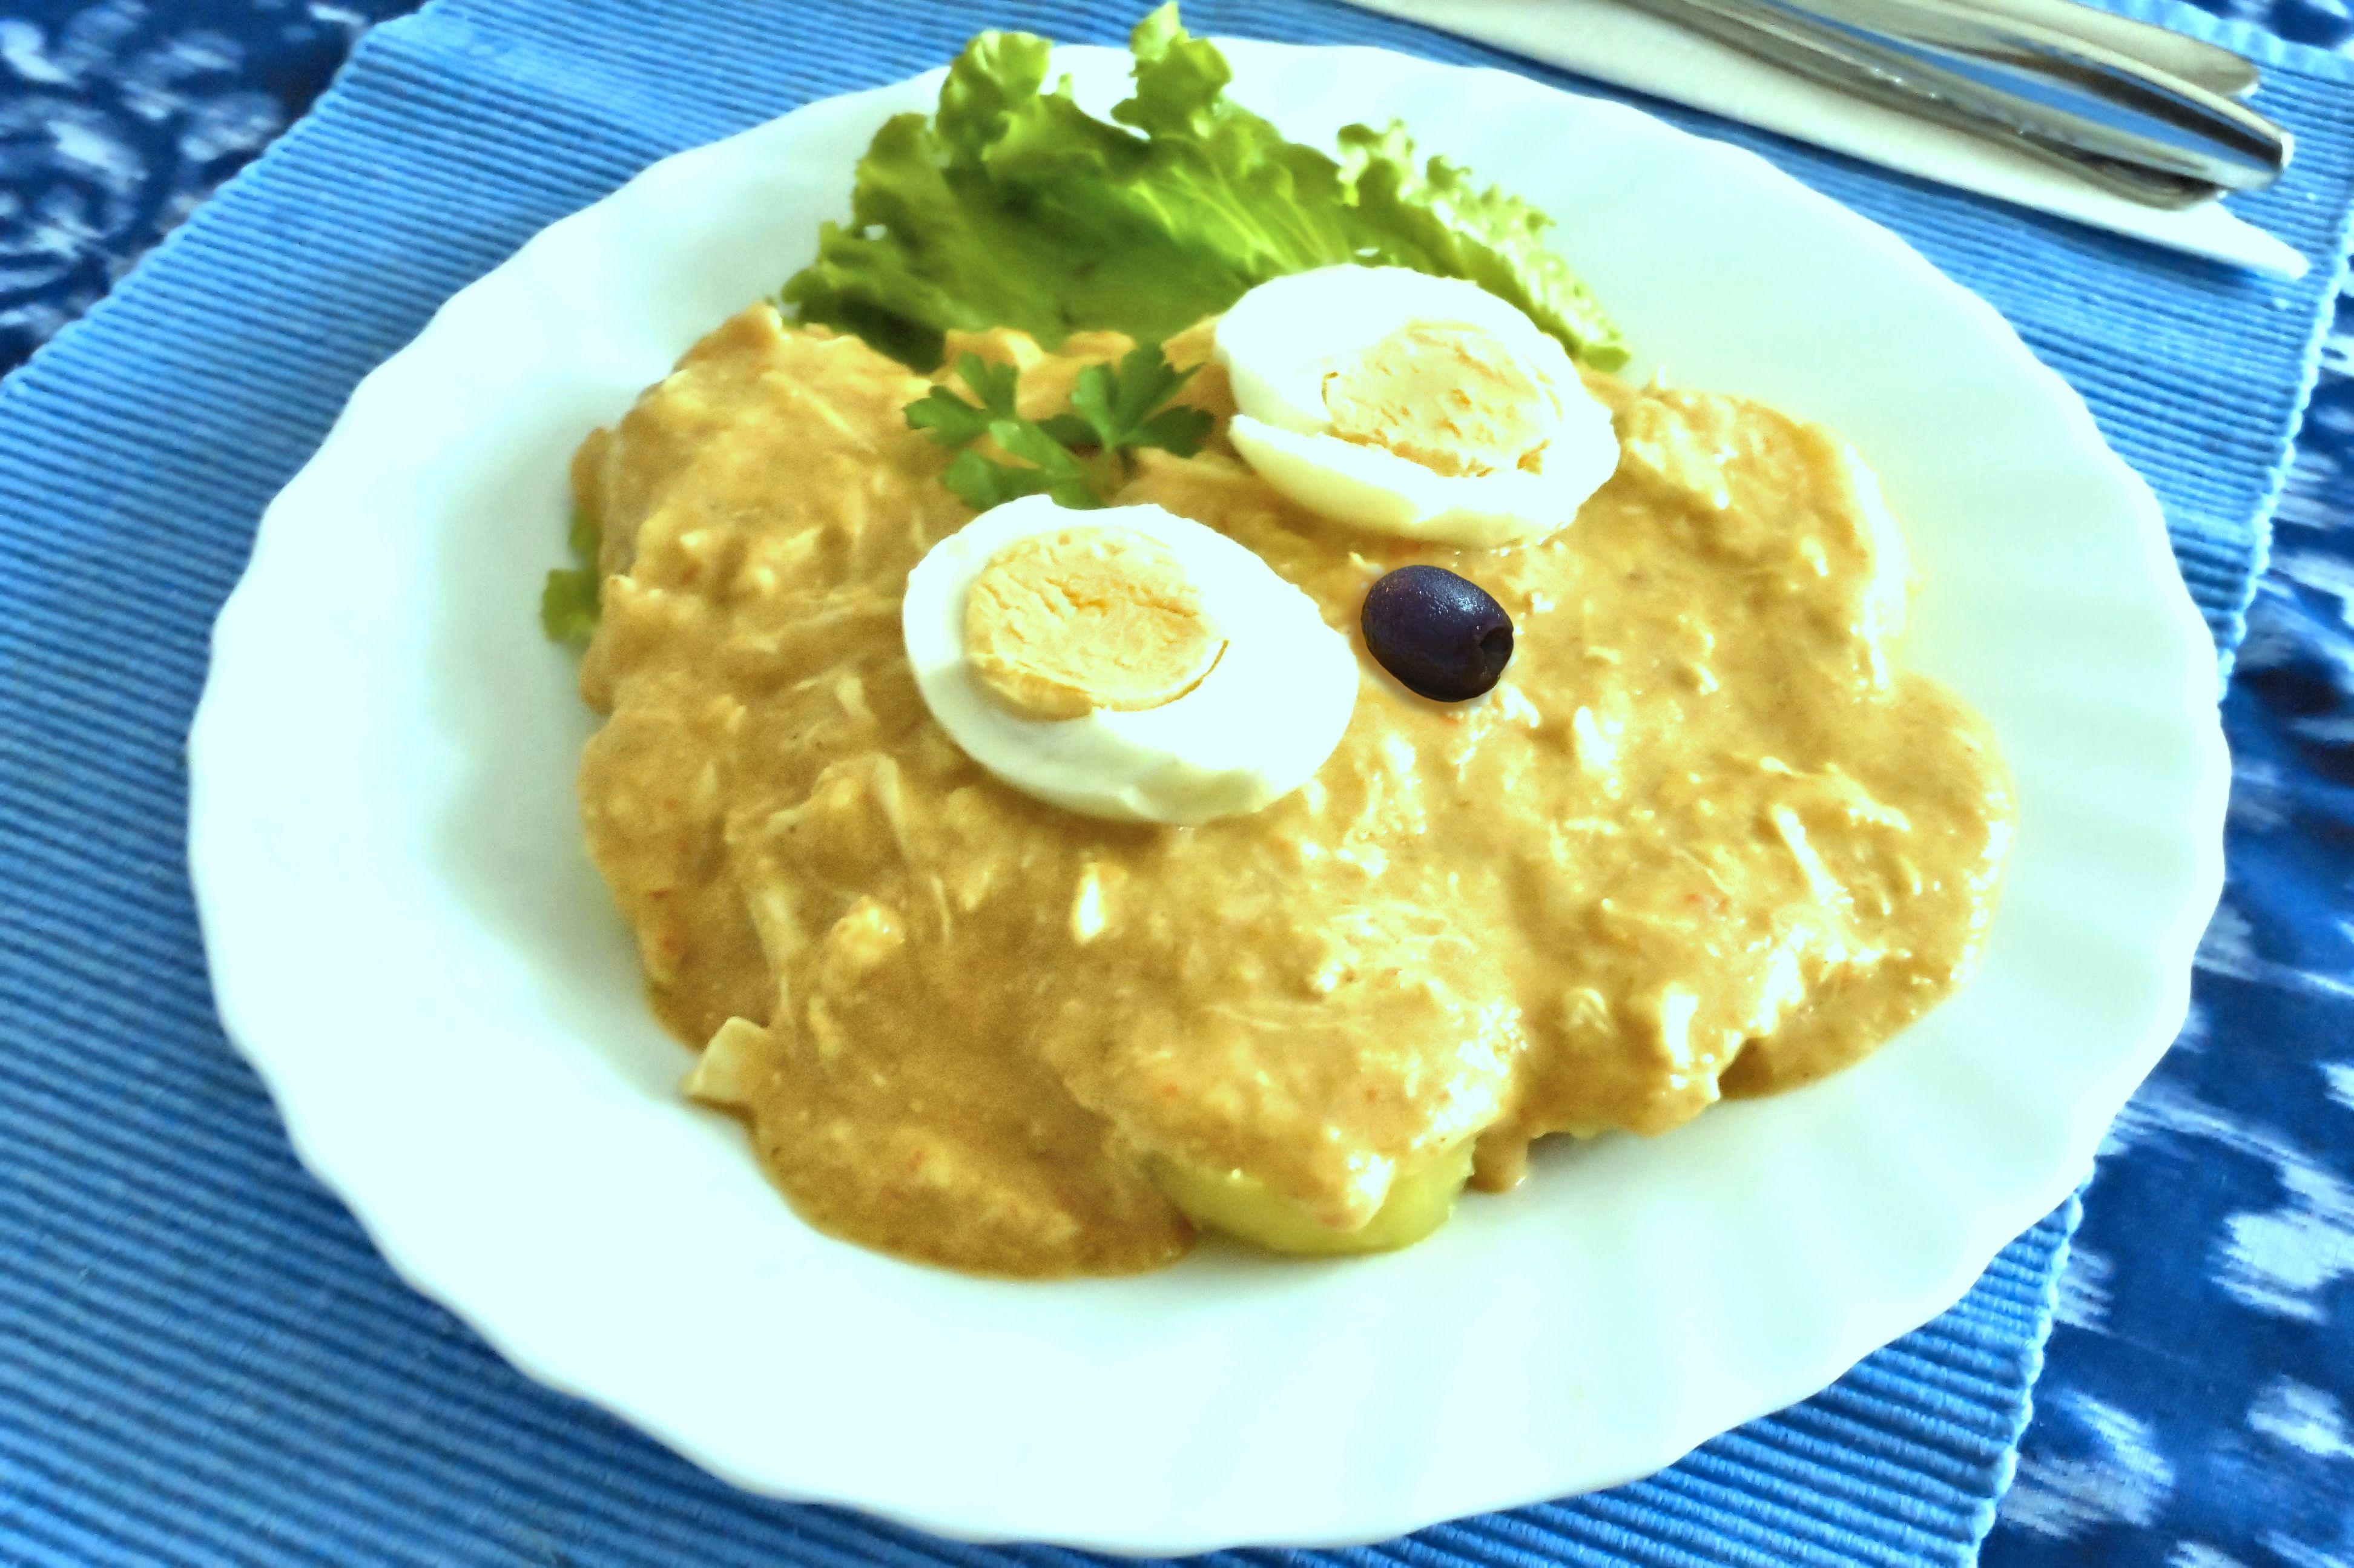 Gastronomía de vuestros países/comunidades autónomas Aj%C3%AD_de_gallina_-_Tradicional